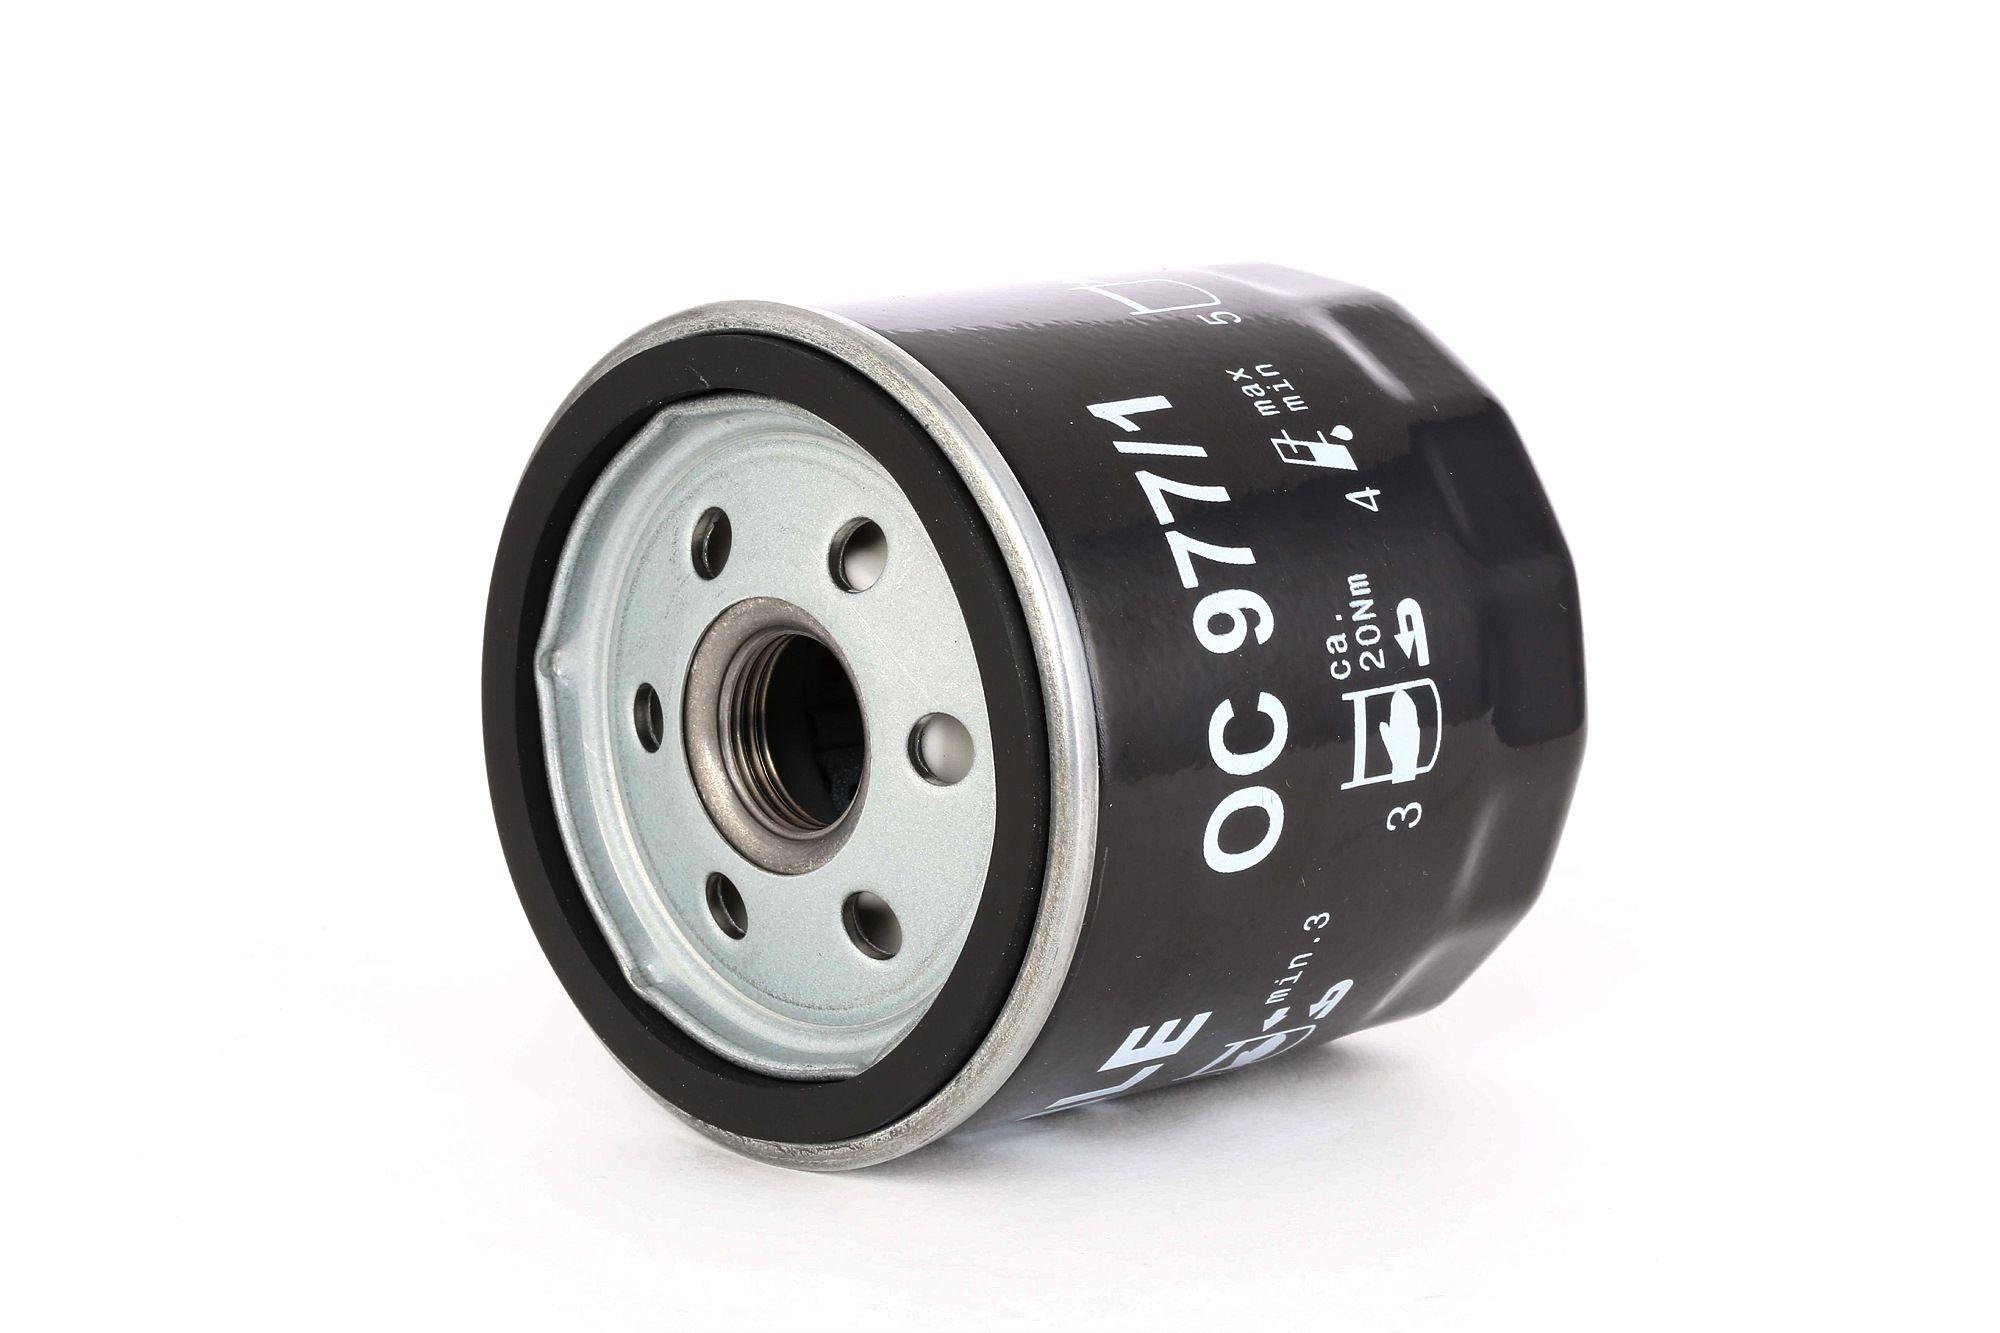 Achetez Filtre à huile MAHLE ORIGINAL OC 977/1 (Diamètre intérieur 2: 62mm, Diamètre intérieur 2: 62mm, Ø: 76,0mm, Diamètre extérieur 2: 71mm, Ø: 76,0mm, Hauteur: 79mm) à un rapport qualité-prix exceptionnel